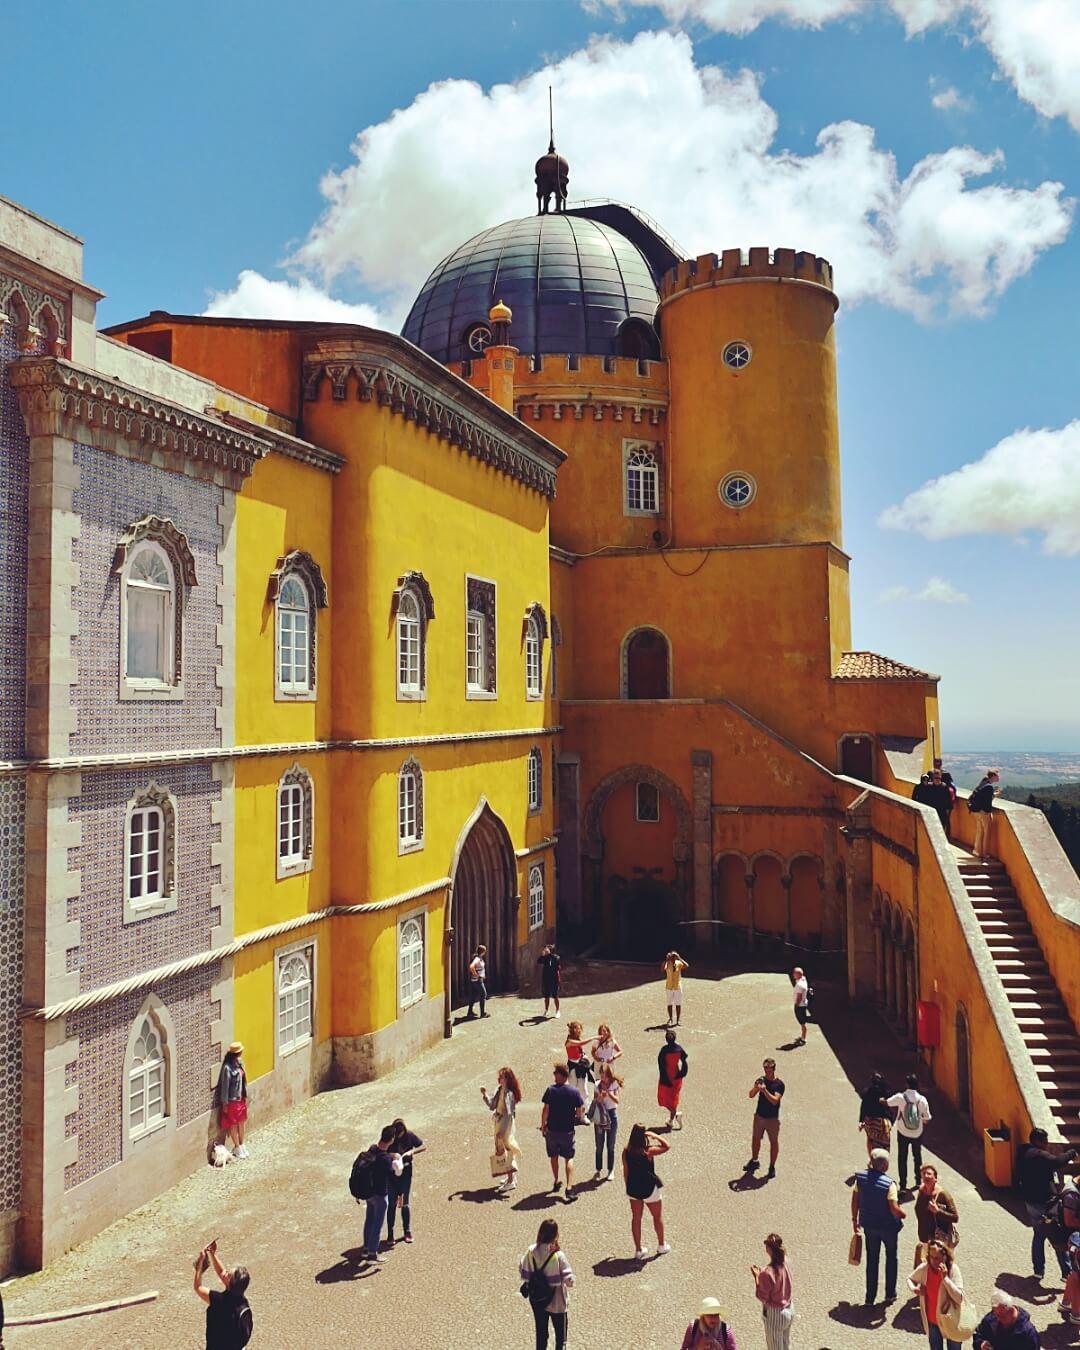 Kolorowy pałac Pena w Sintrze, w Portugali.